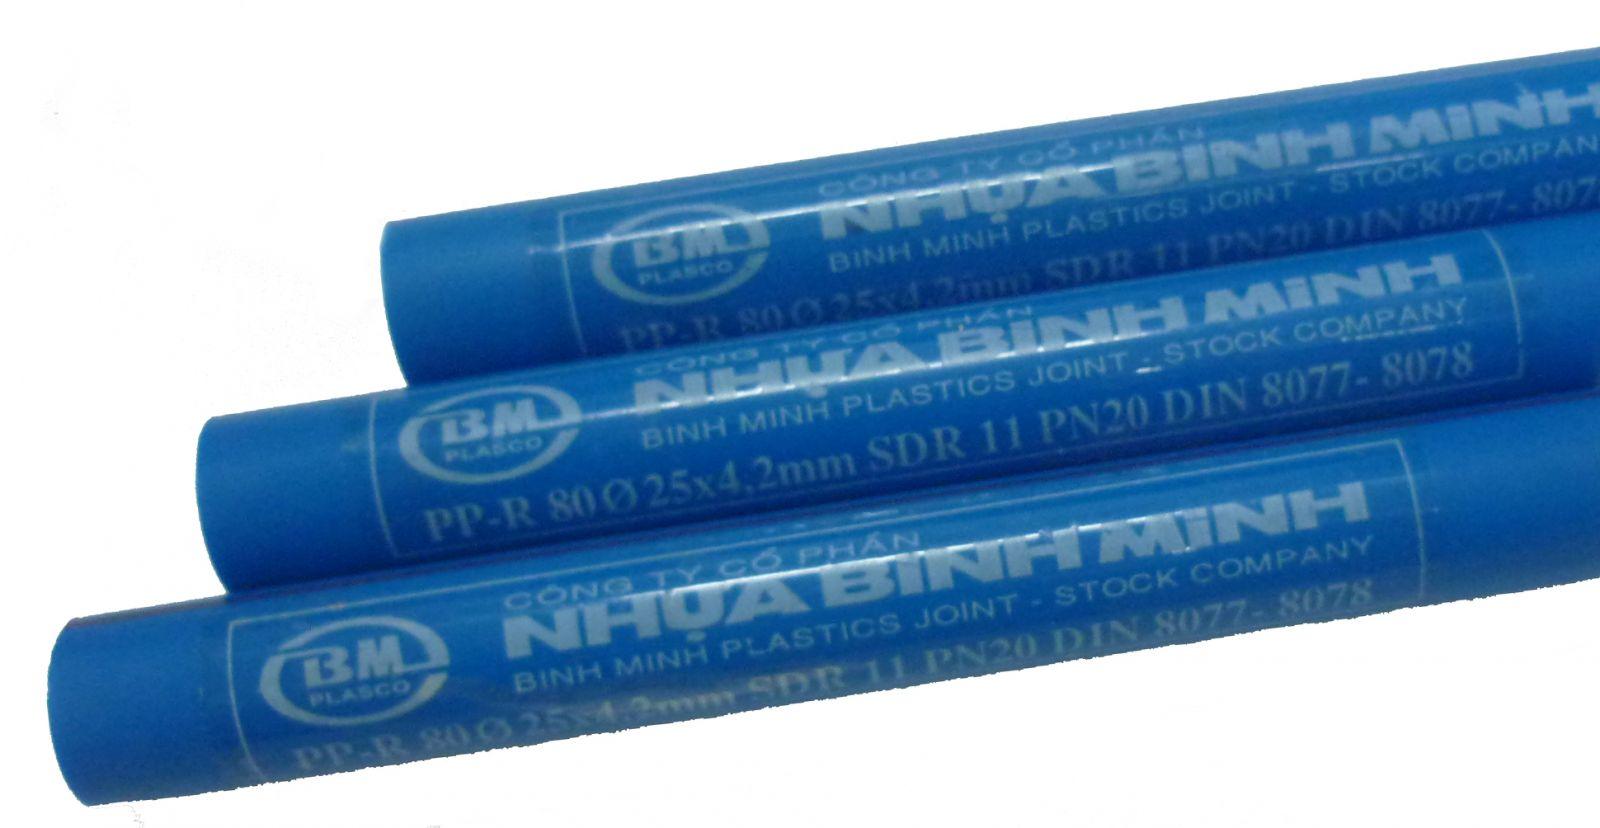 Ống nhựa chịu nhiệt PPR 20 x 3.4mm TGCN-32053 NHUABINHMINH